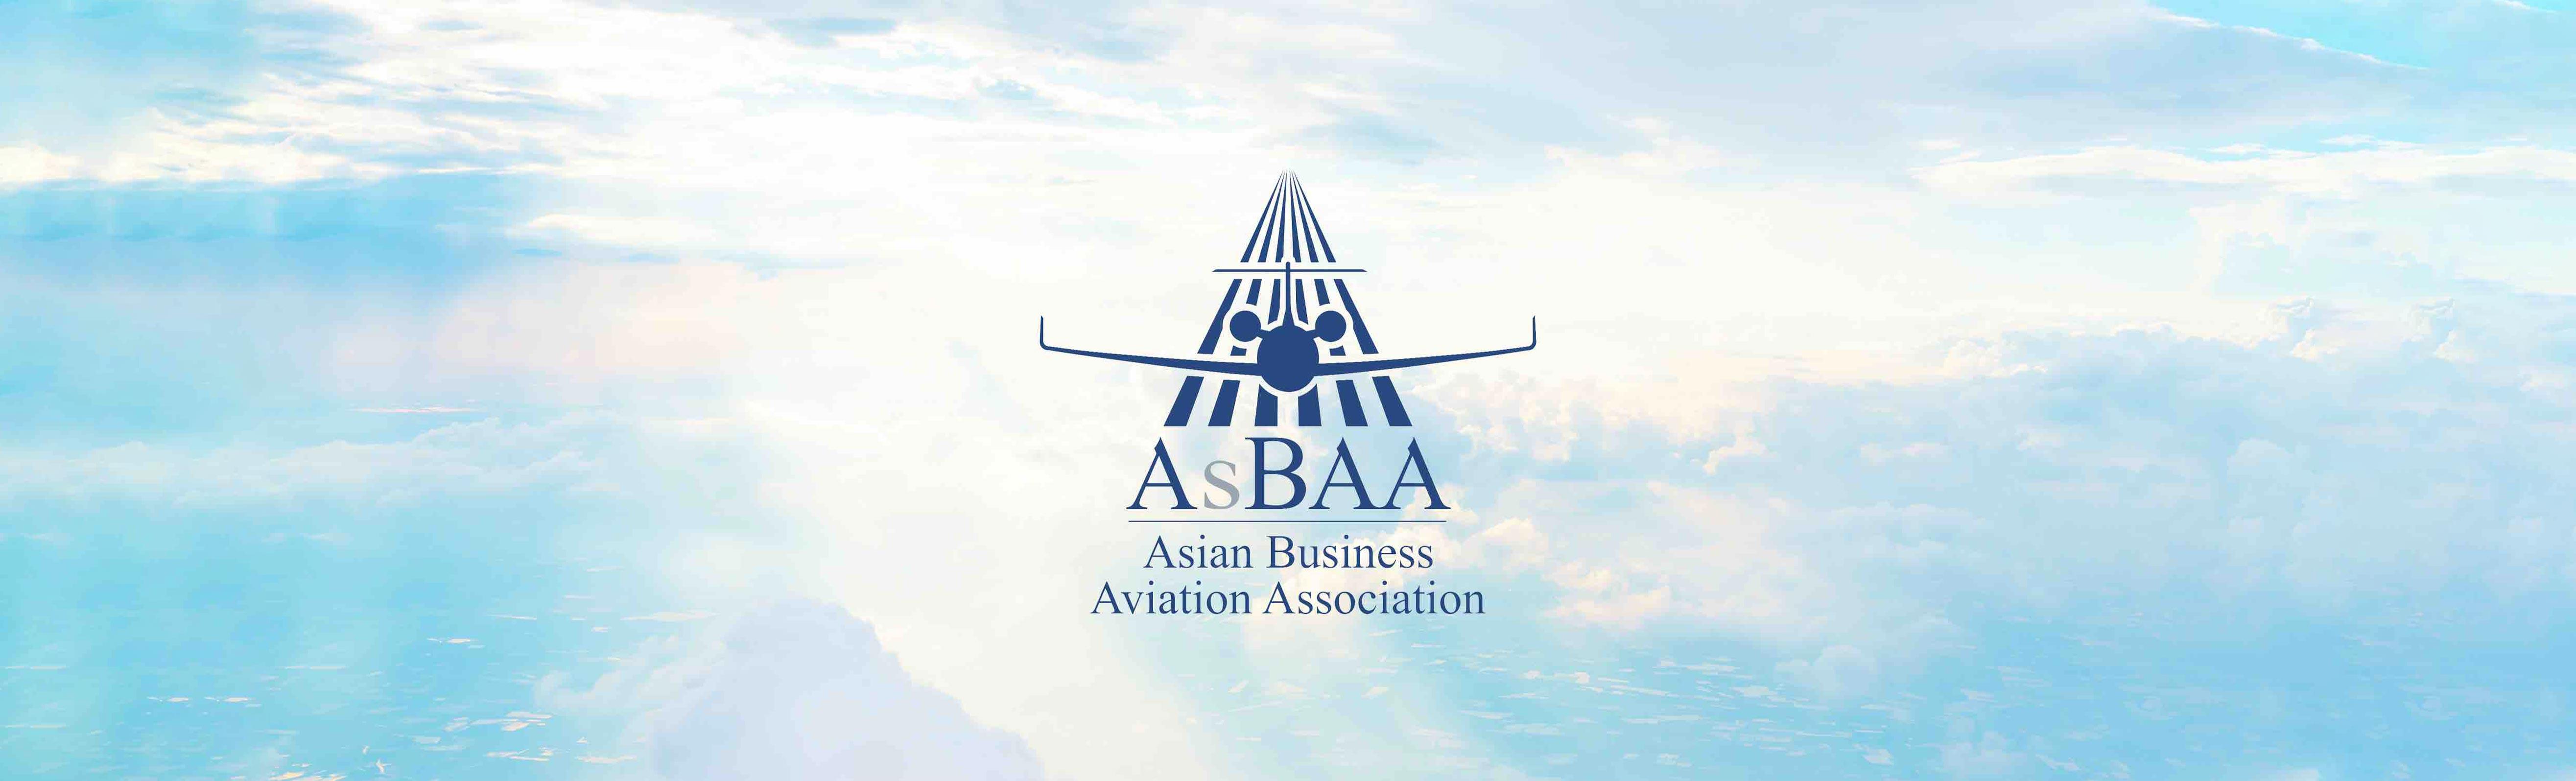 TAG航空亚洲在亚洲商务航空协会的2017航空业指标典礼中赢得最佳管理公司奖项